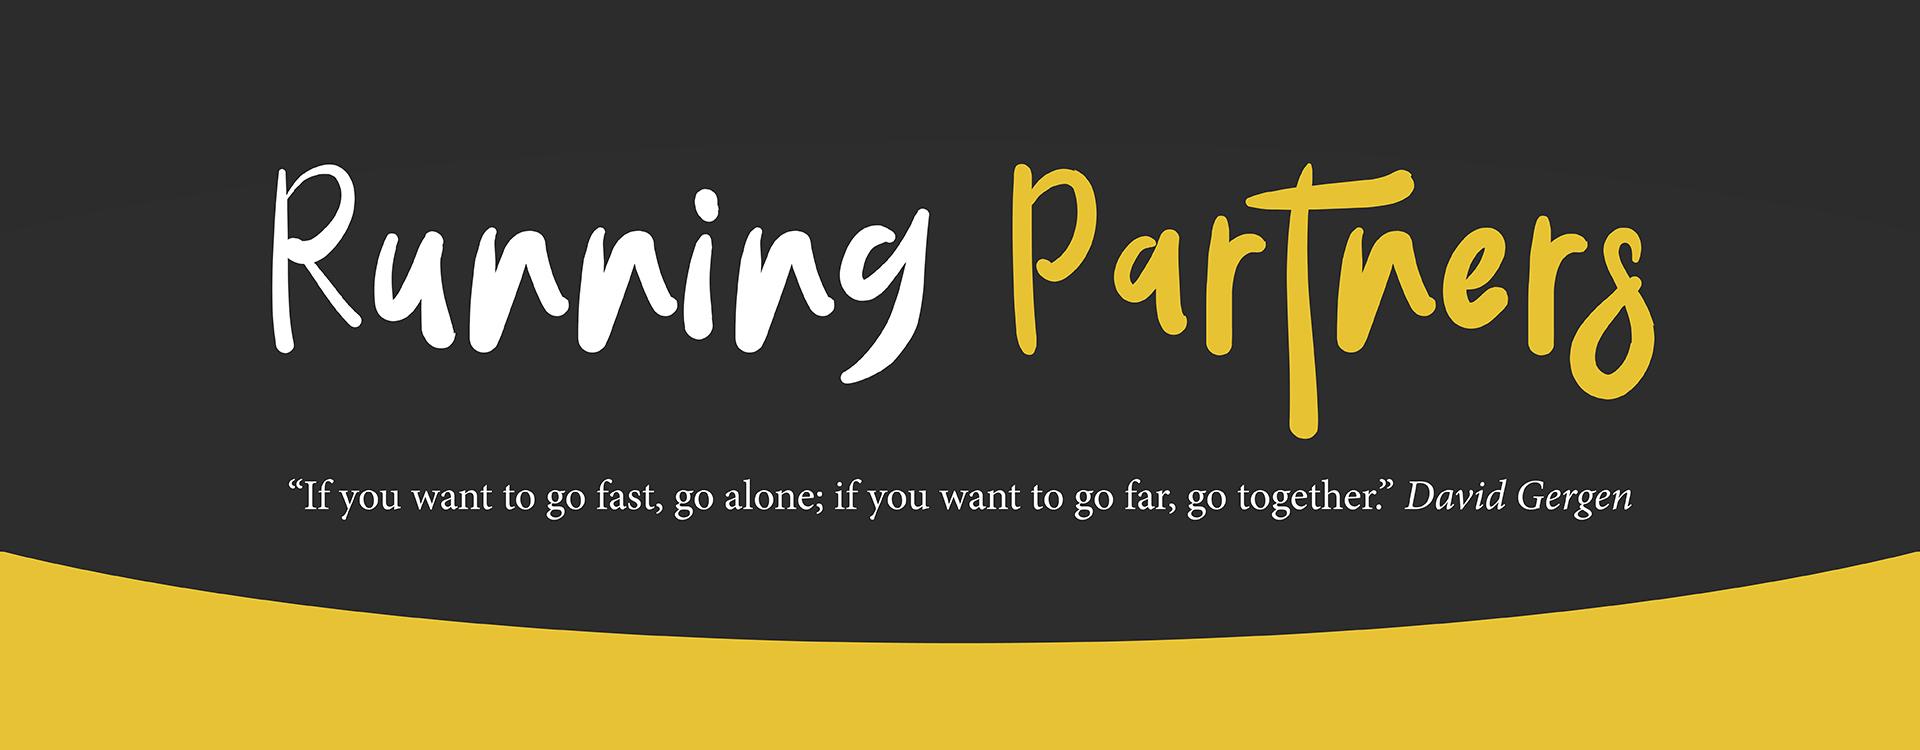 RunningPartners_Banner_2019.jpg